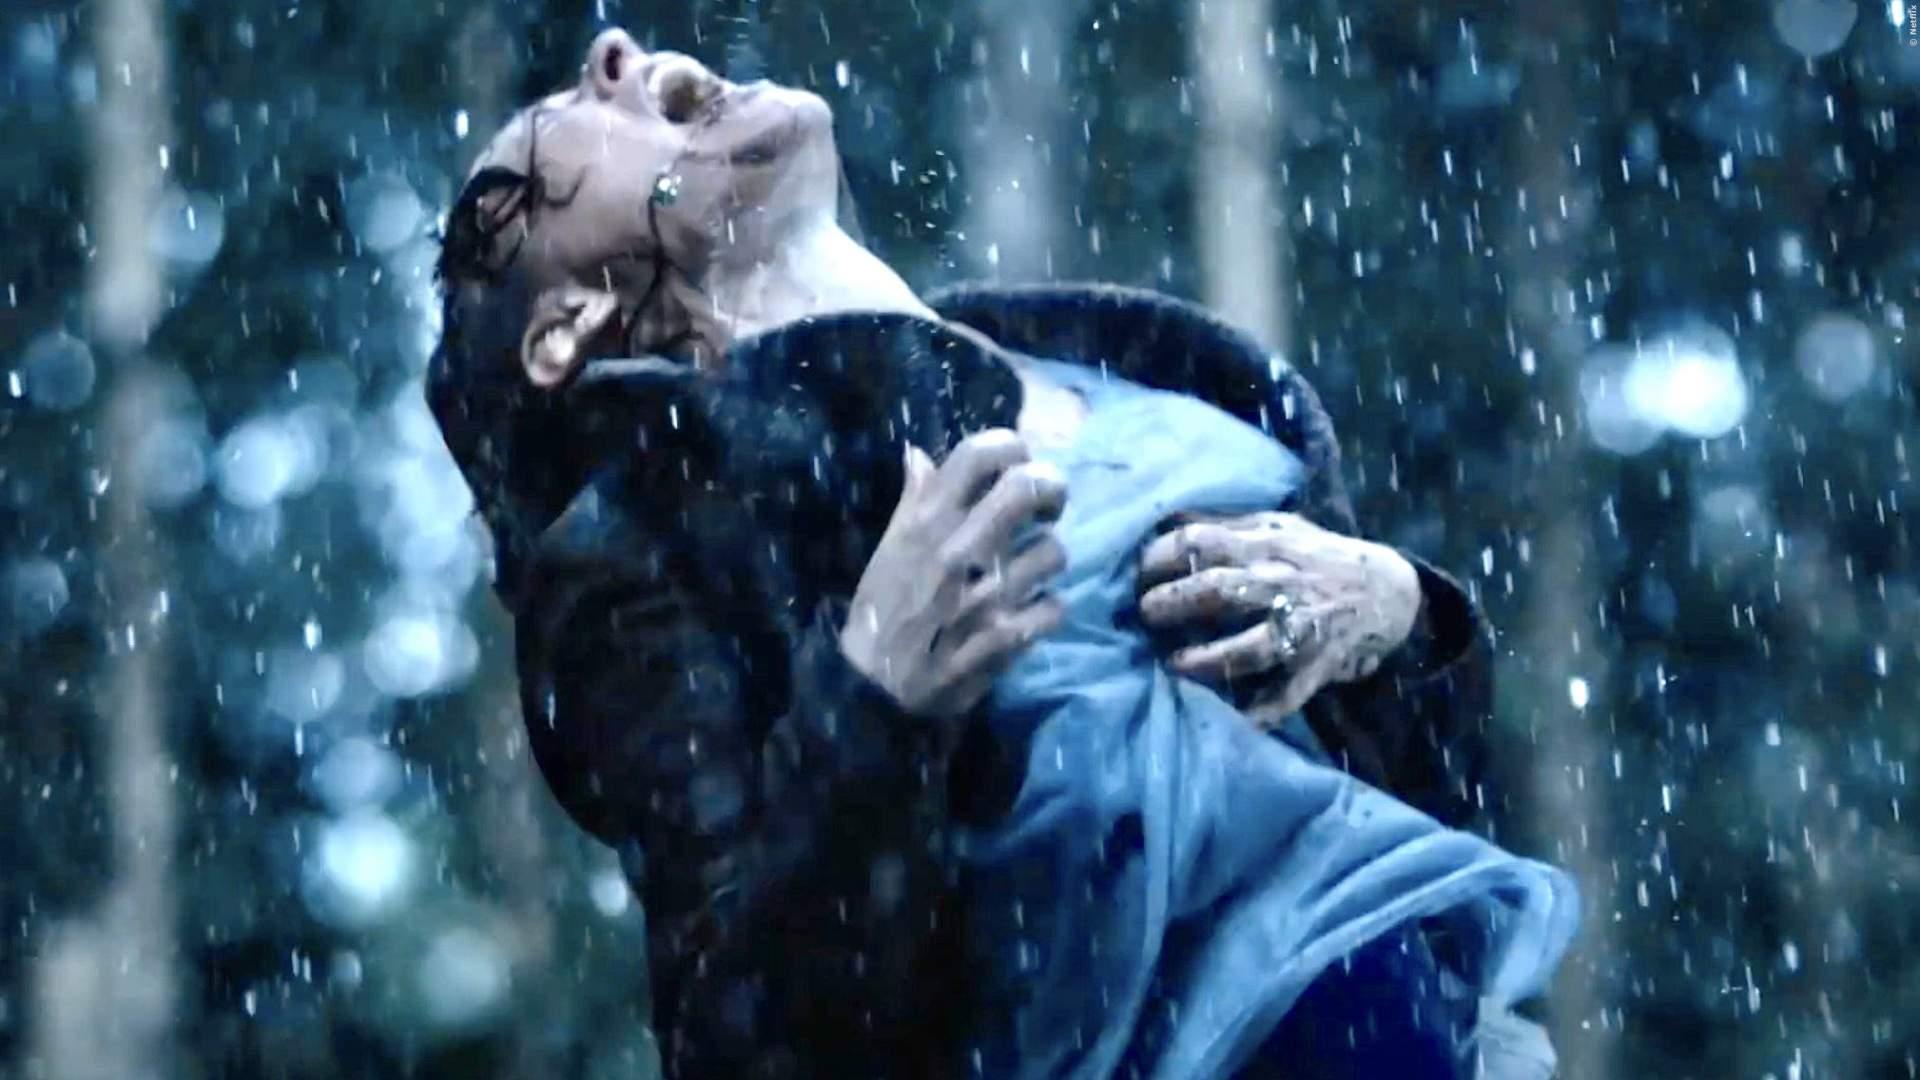 THE RAIN: Der erste Trailer zu Staffel 2 geht direkt unter die Haut - So spannend geht es weiter